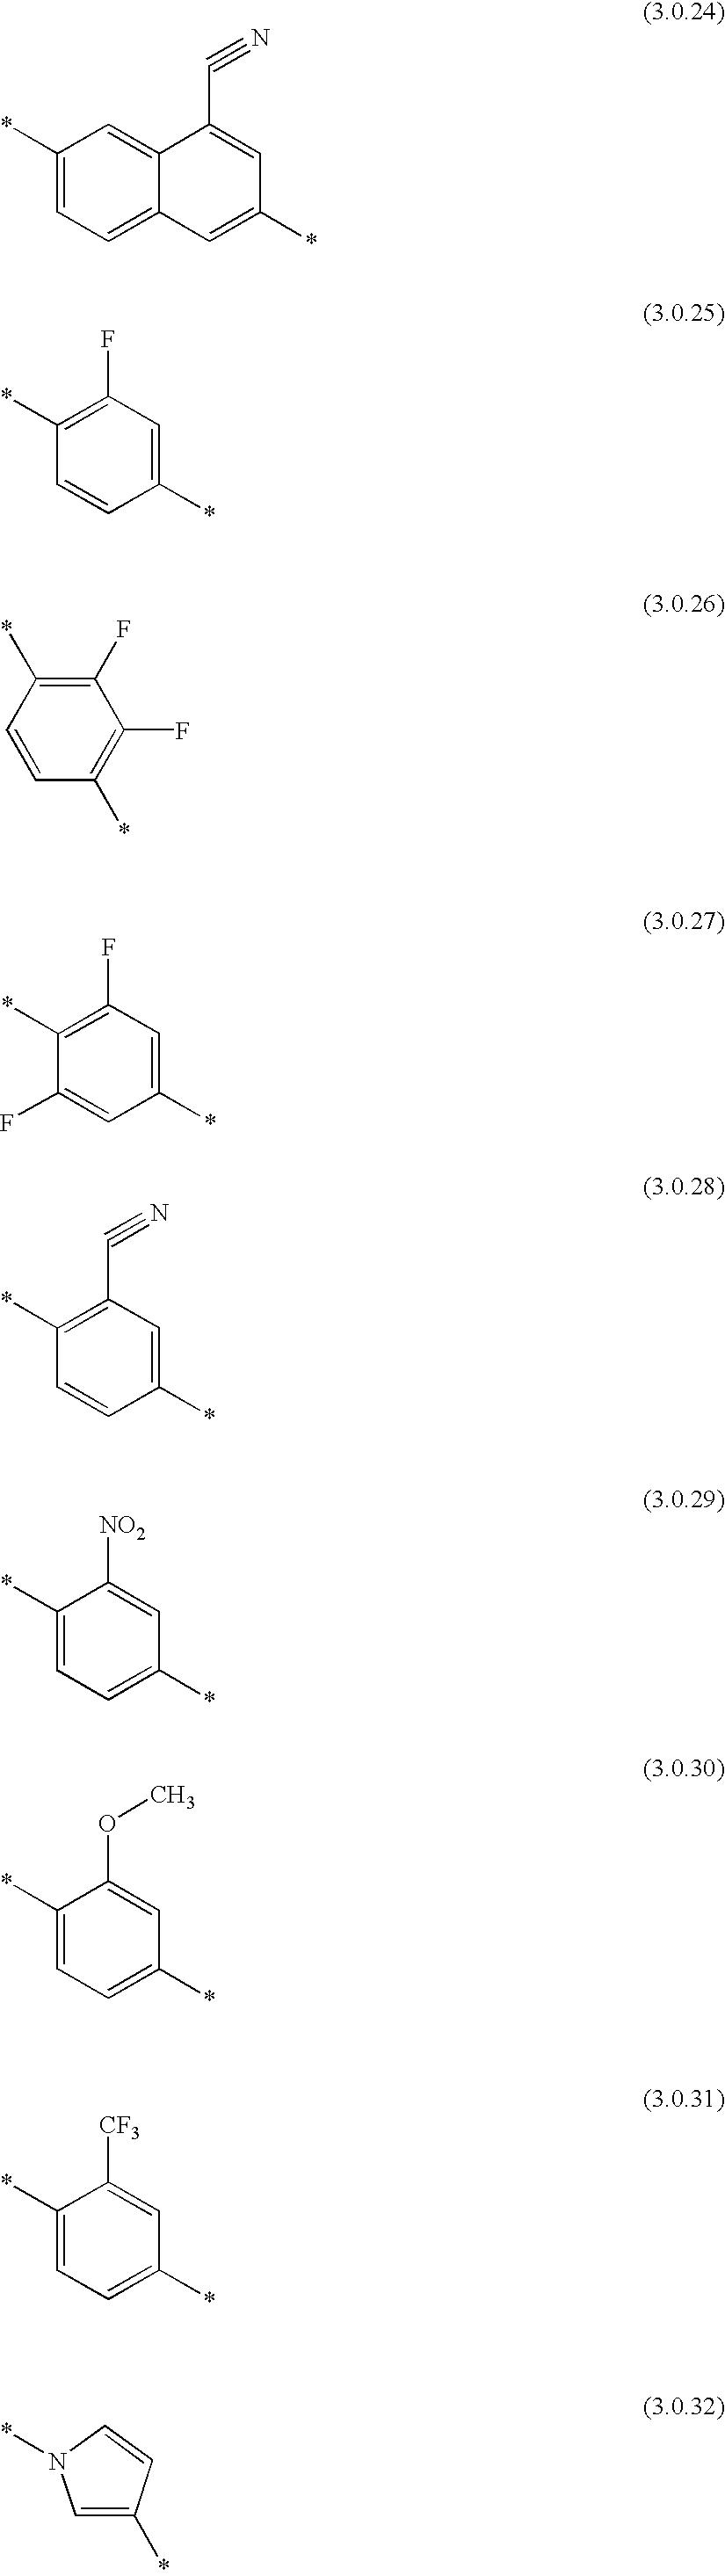 Figure US20030186974A1-20031002-C00127